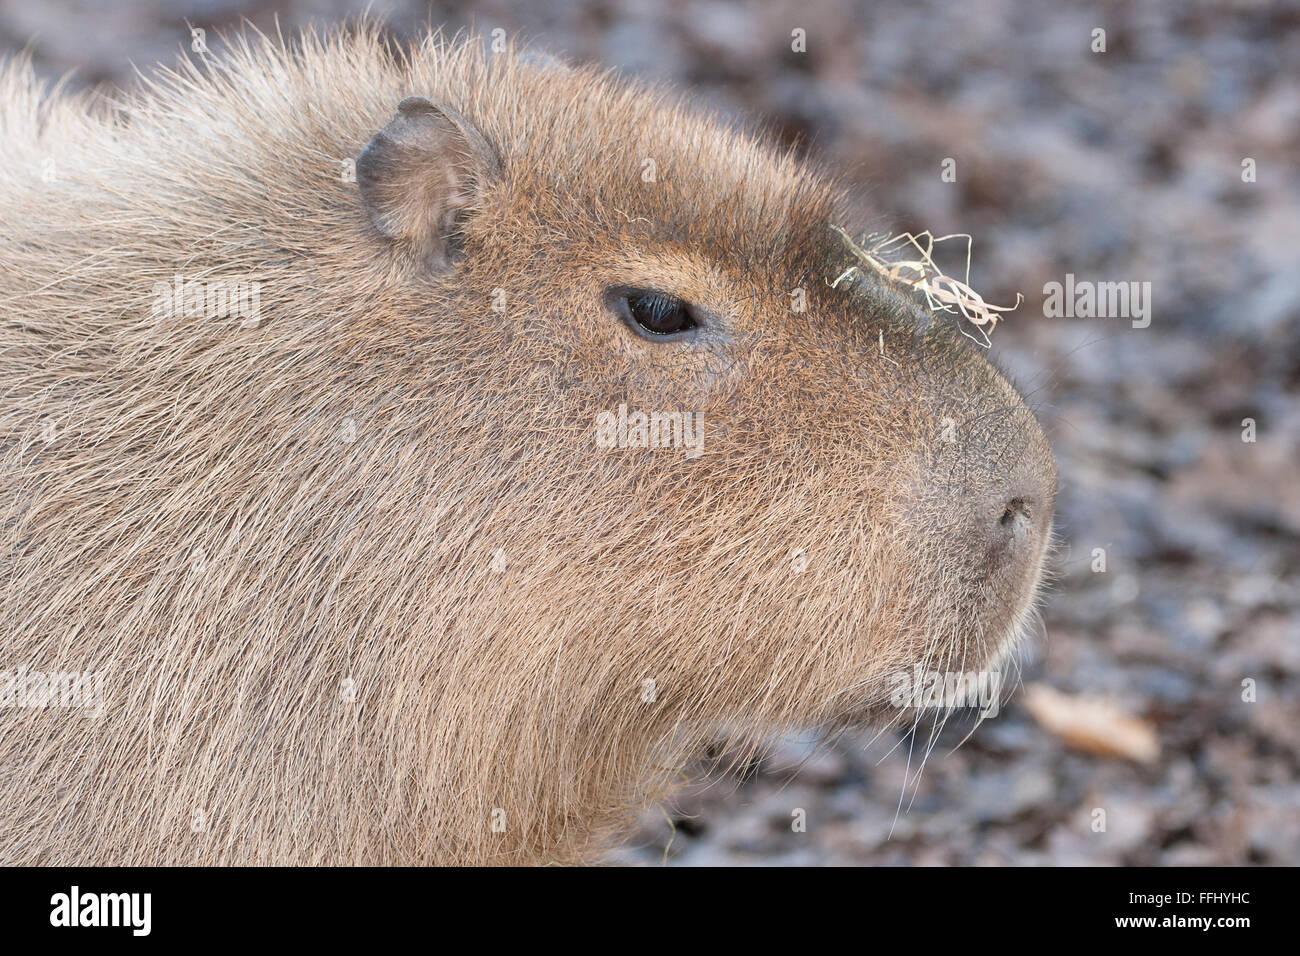 Capybara - portriat de ce mammifère semi-aquatique intelligent Banque D'Images